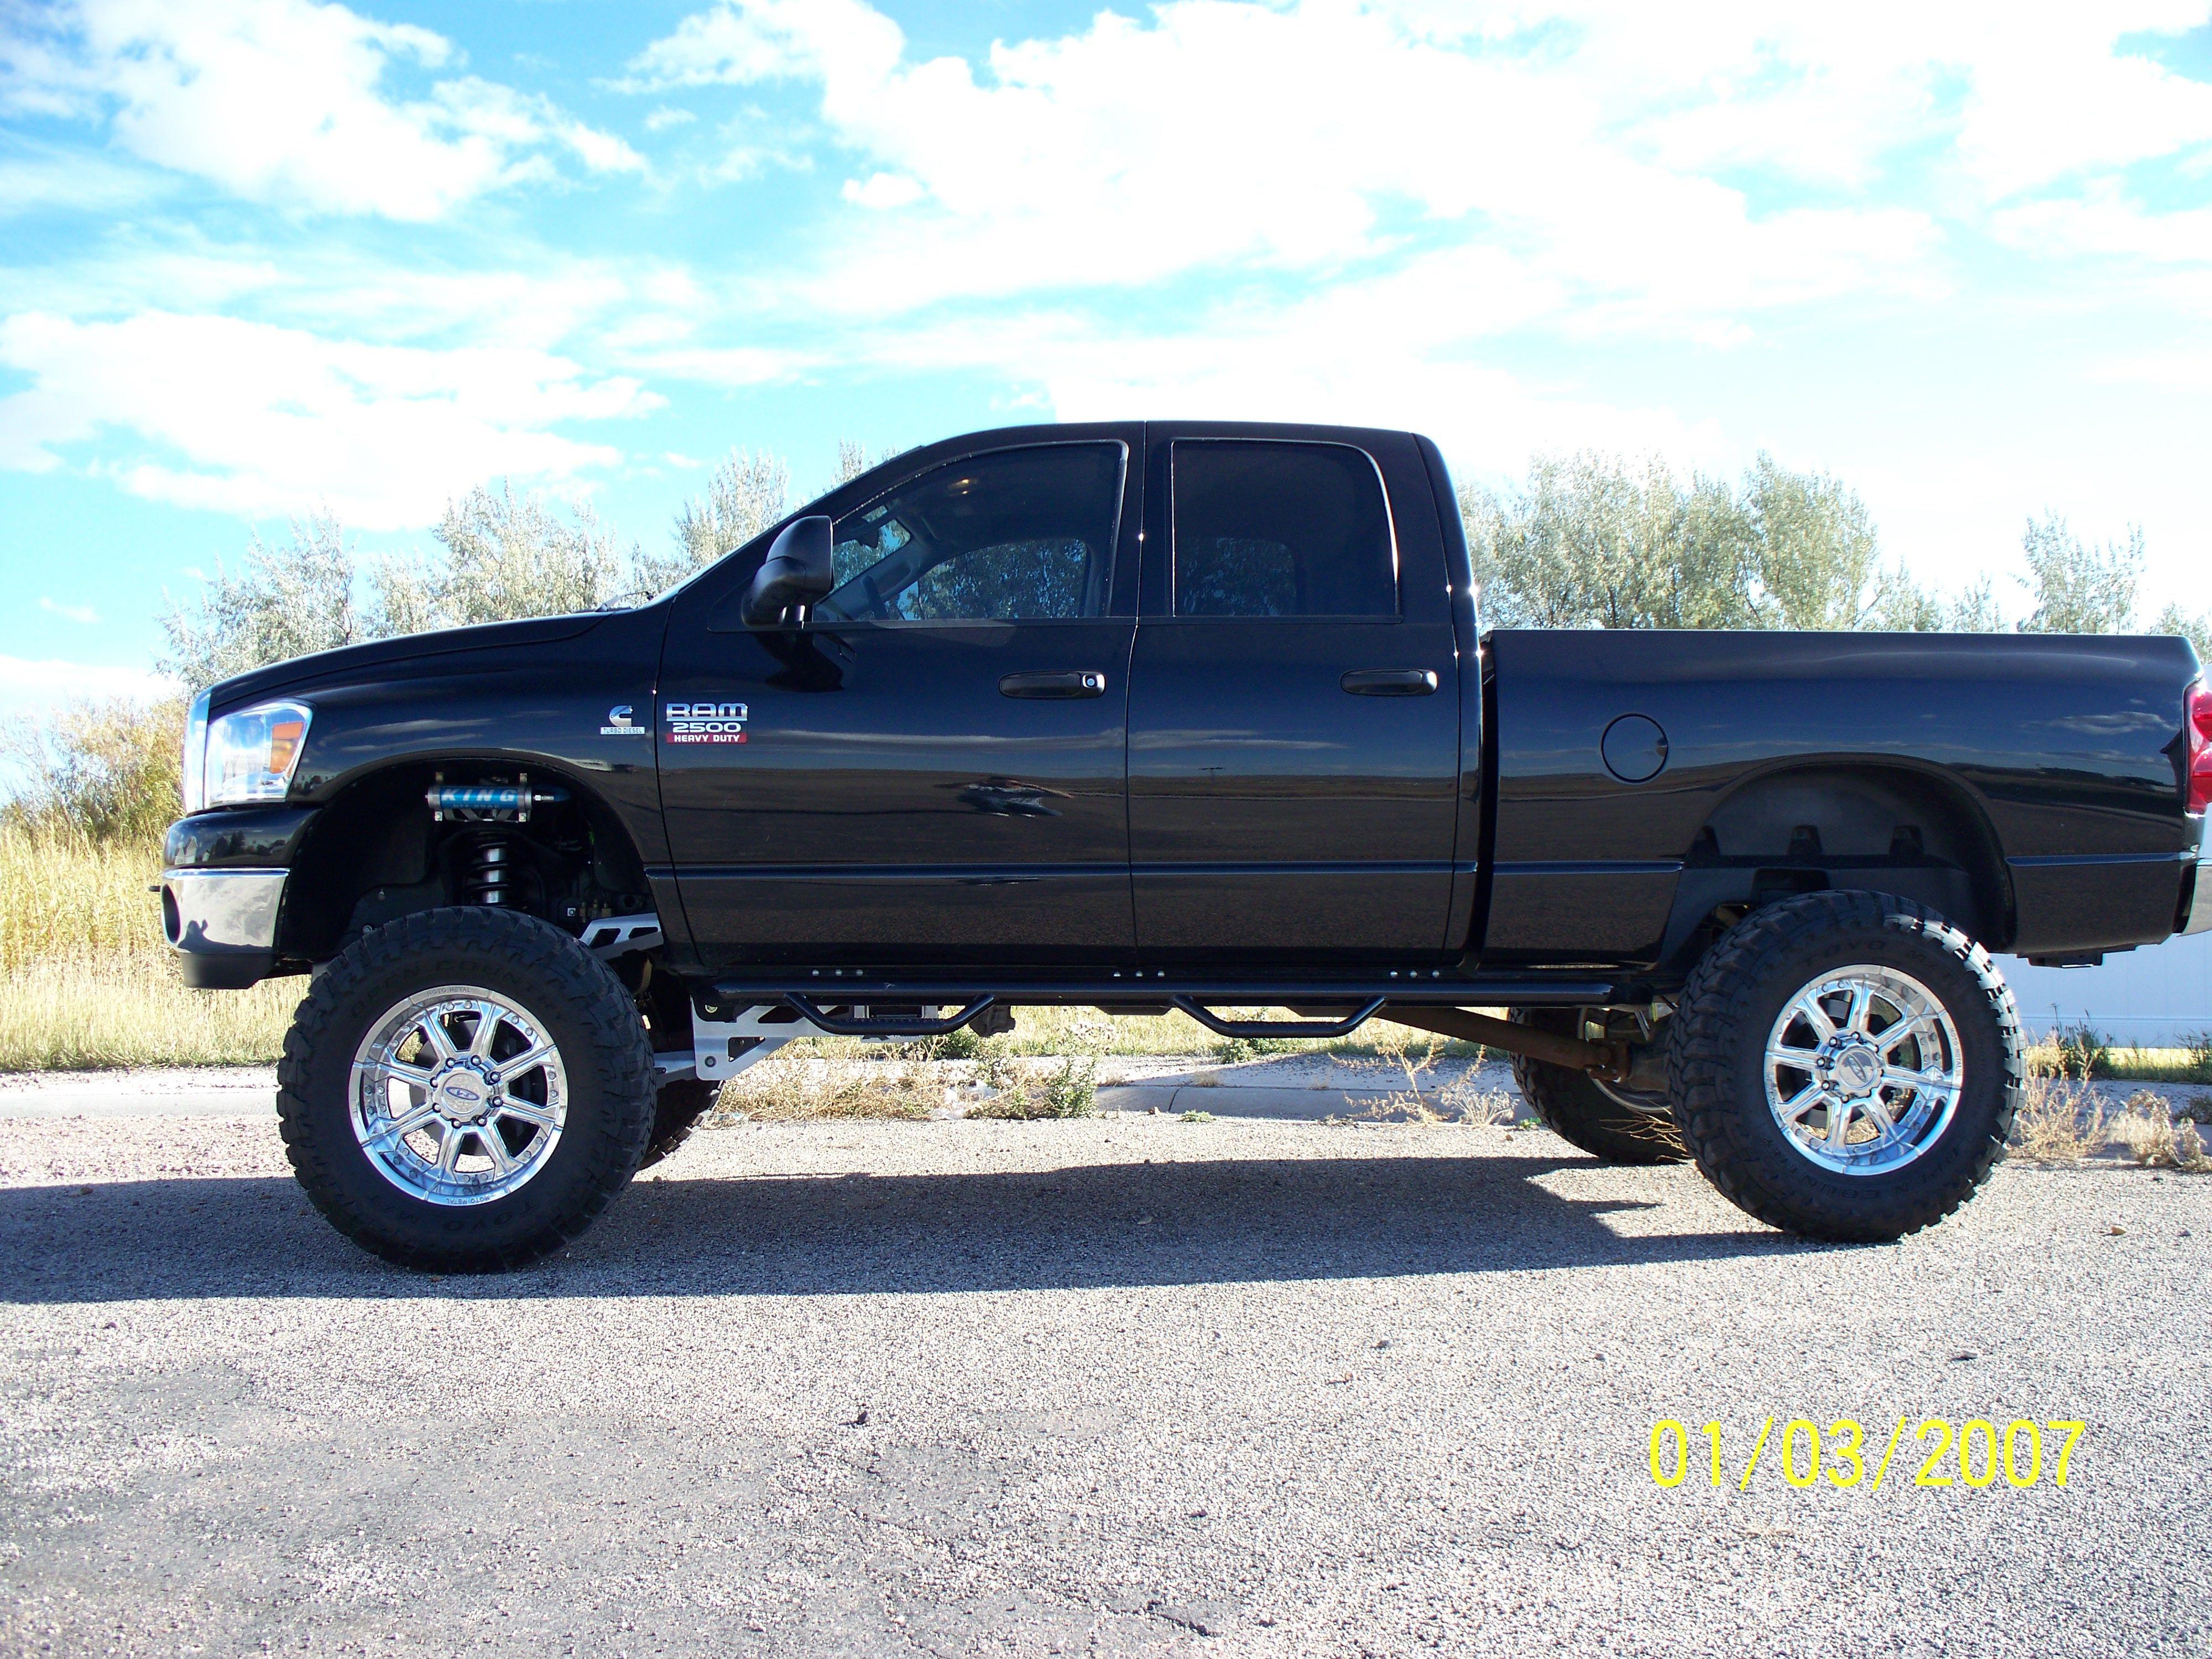 offroad custom trucks | Customer Ride: Dodge 2500 4X4, Rize Lift ...